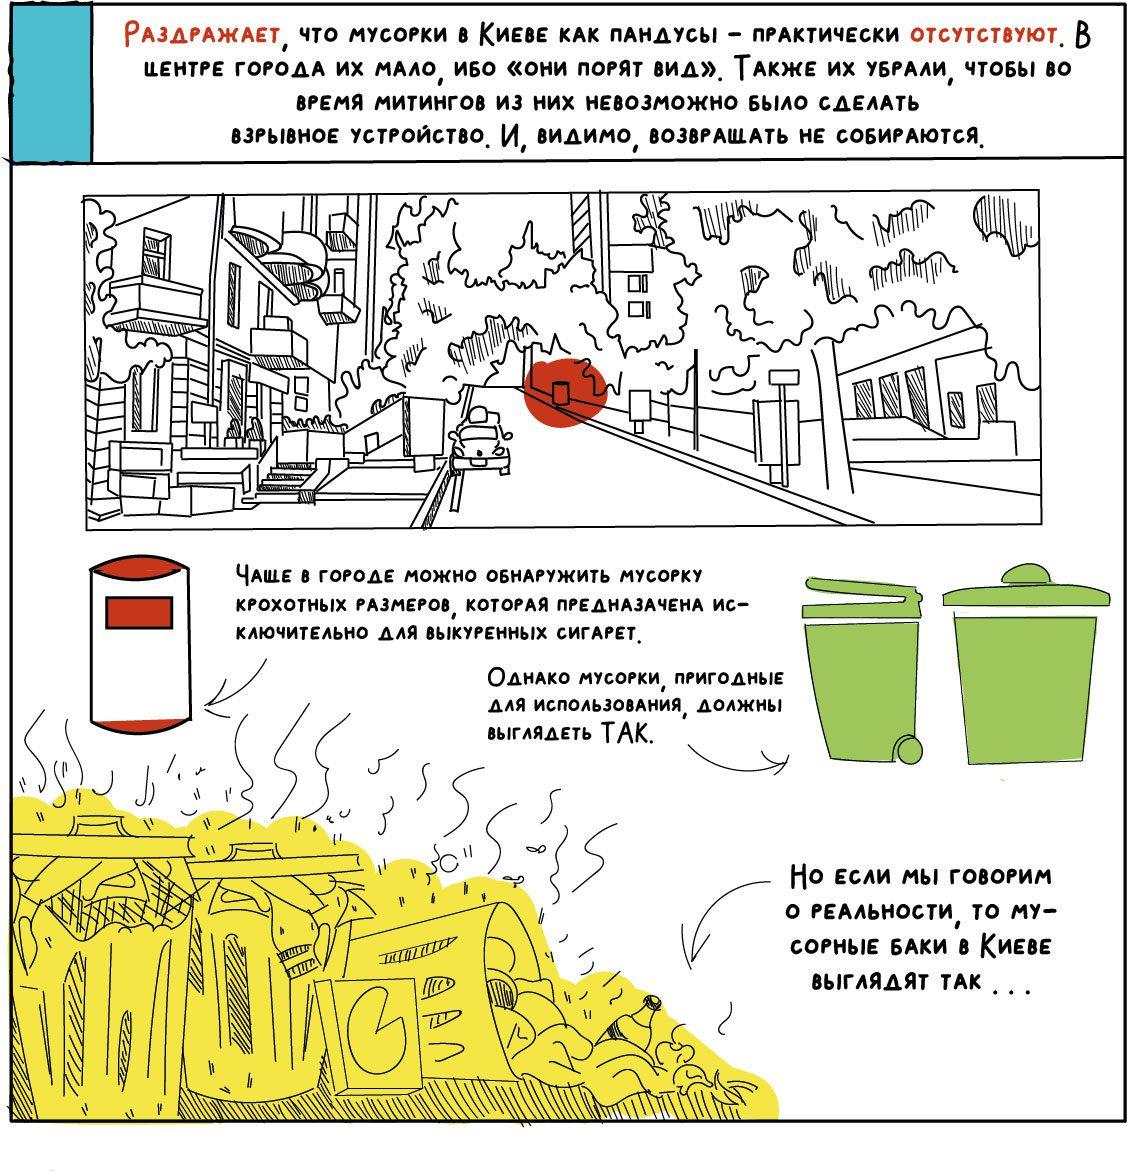 comics about kyiv 14 - <b>«Собі побібікай!»</b> Комікс Анастасії Оприщенко про те, що дратує в Києві найбільше - Заборона